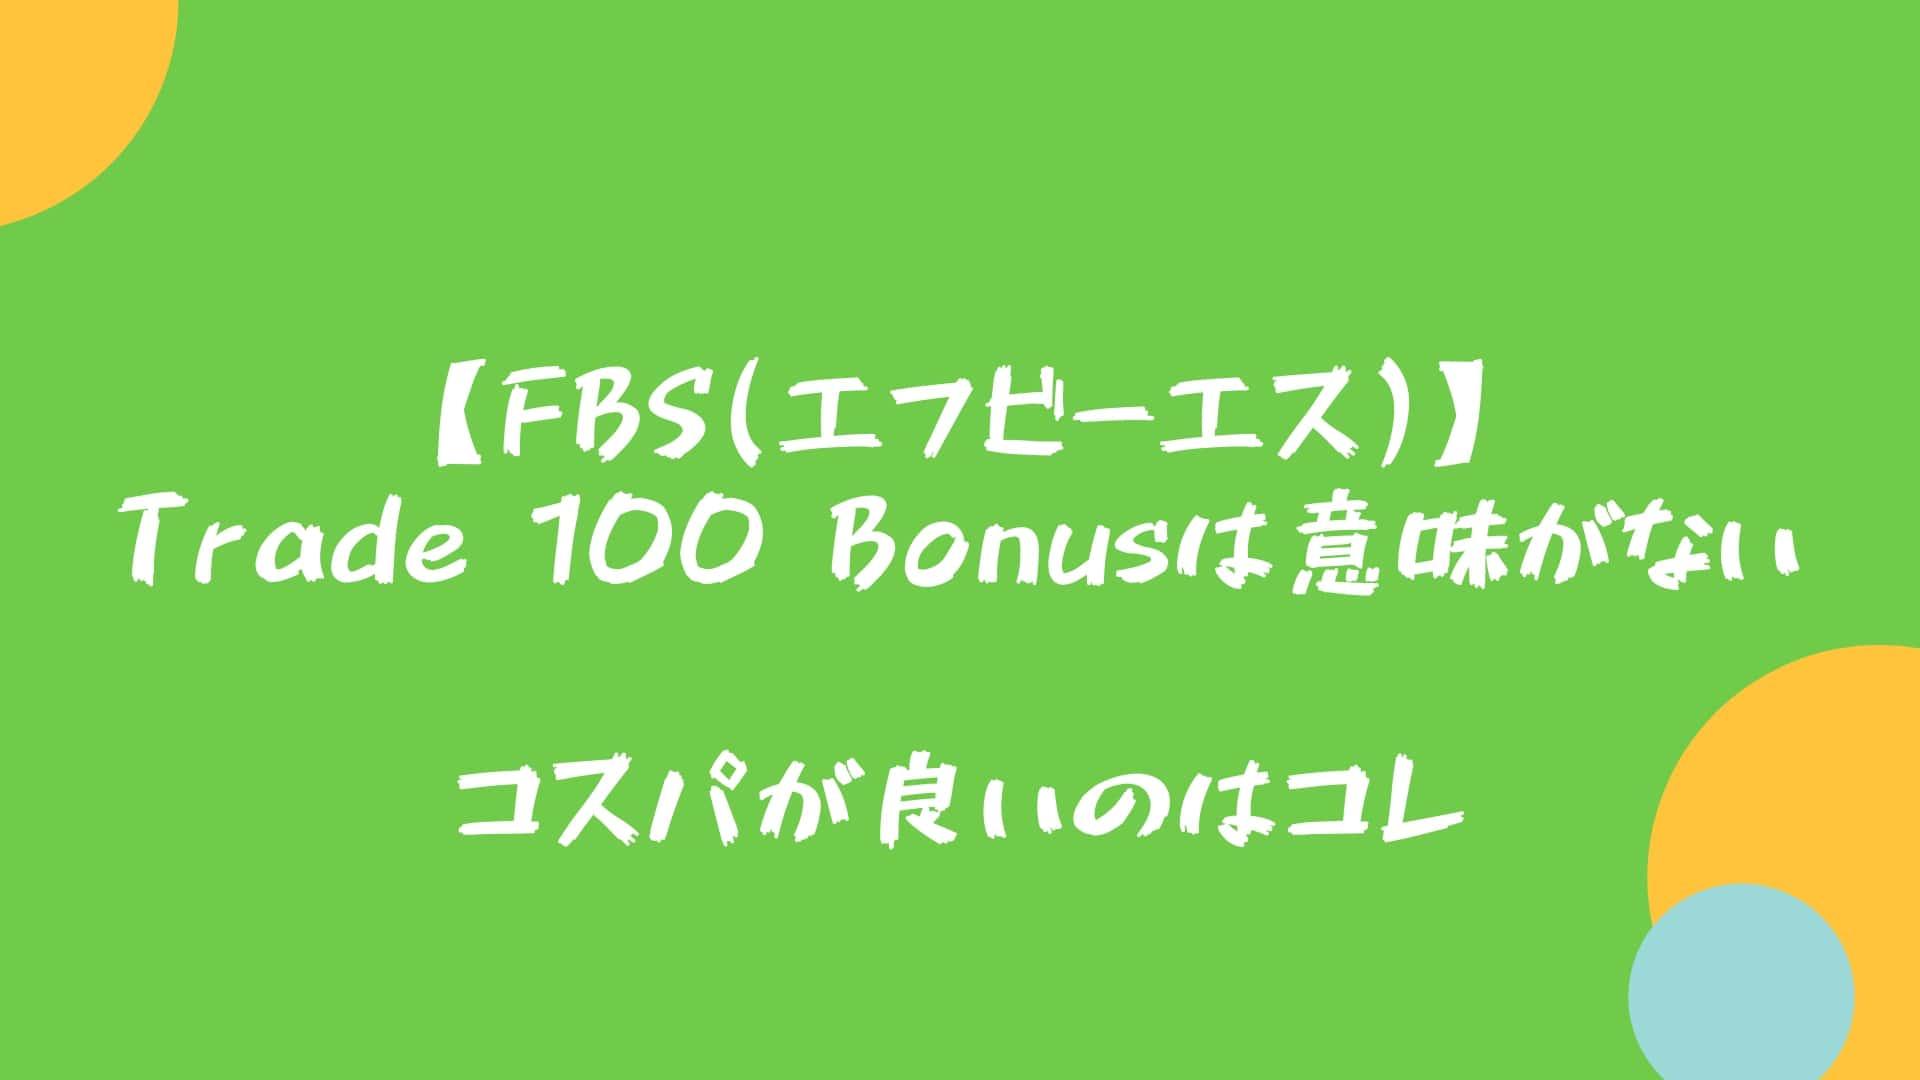 【FBS(エフビーエス)】Trade 100 Bonusは意味がない→コスパが良いのはコレ